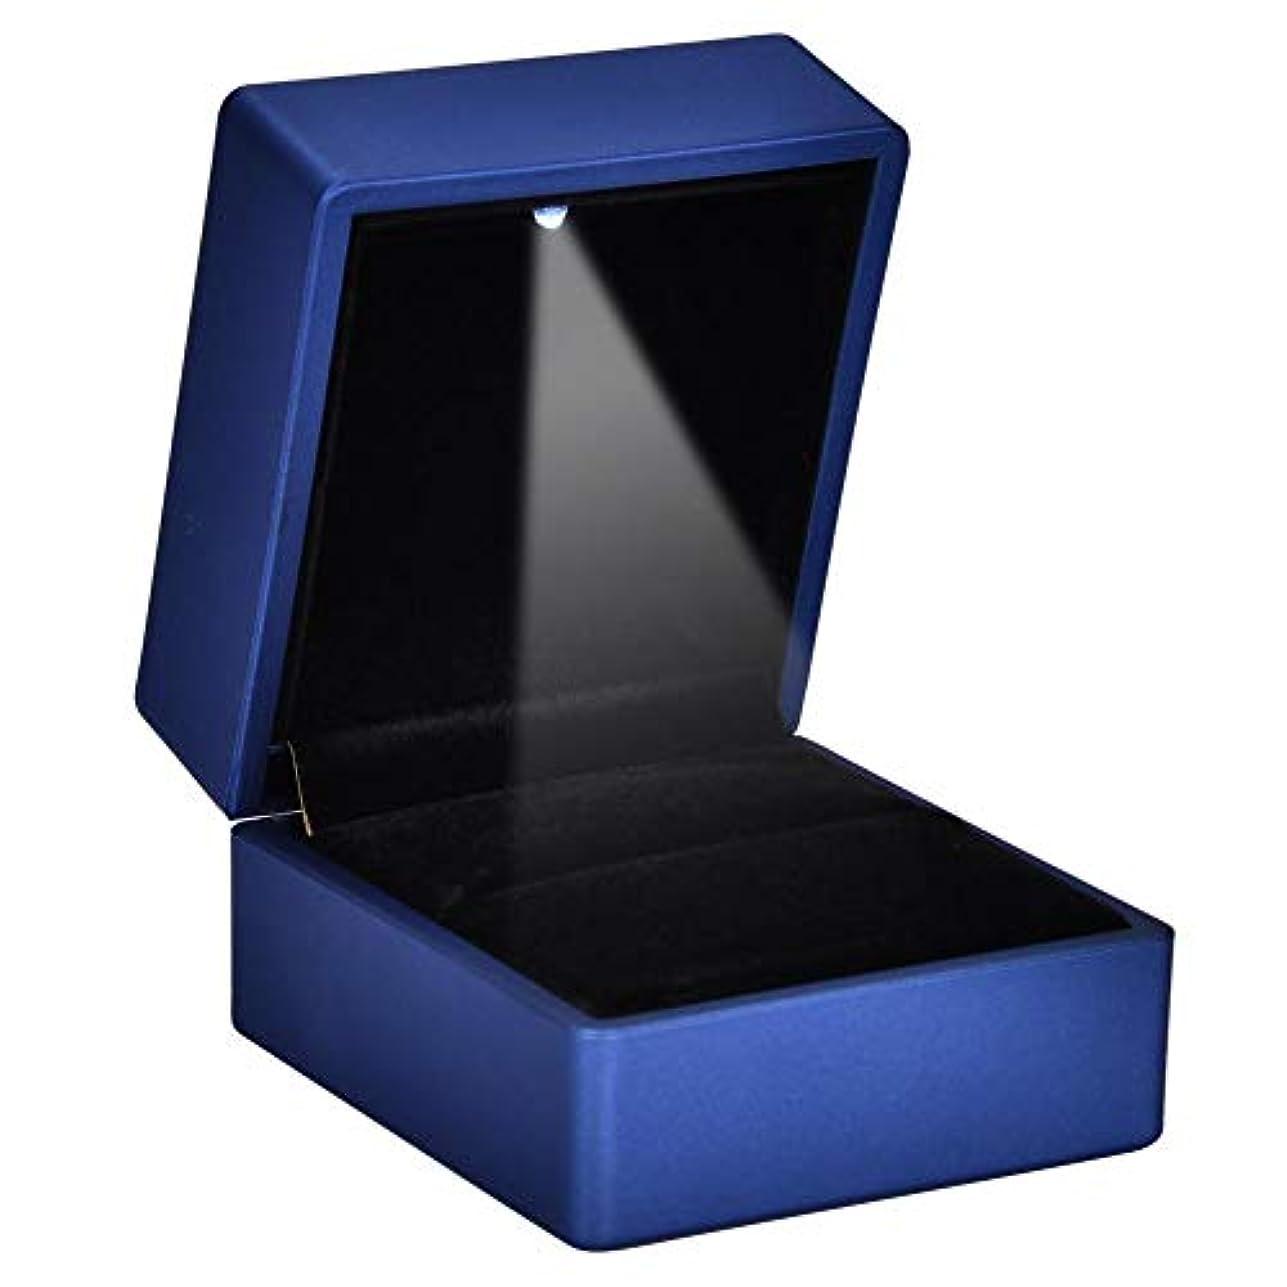 複数血くびれた2種類ファッショナブルなLEDリングボックス - 内部LED照明付きリングケース、ジュエリーホルダーリング収納ケース、結婚式の提案(ブルー-90 * 70 * 35)